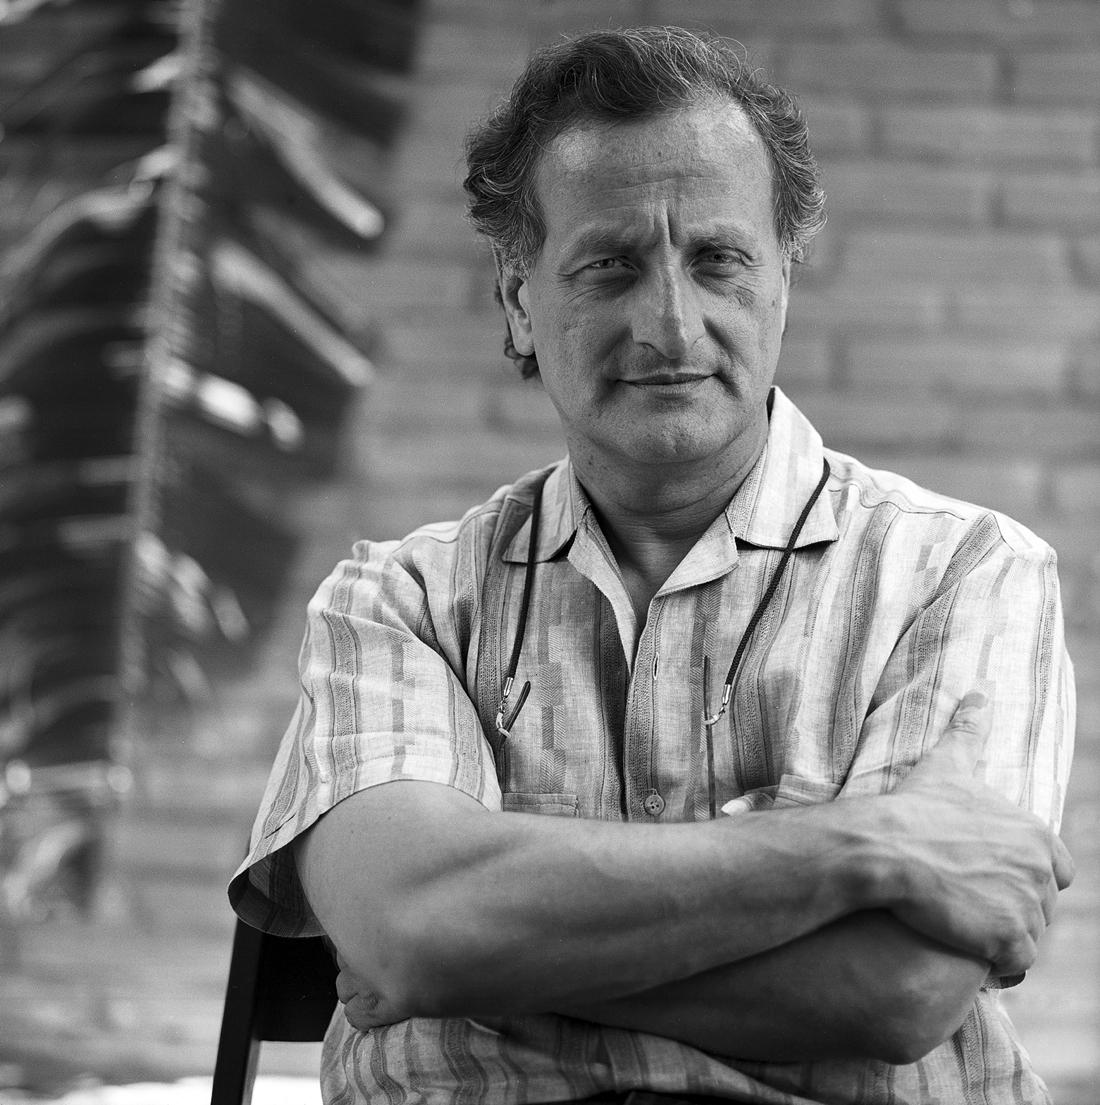 Eduardo-Mata-1995